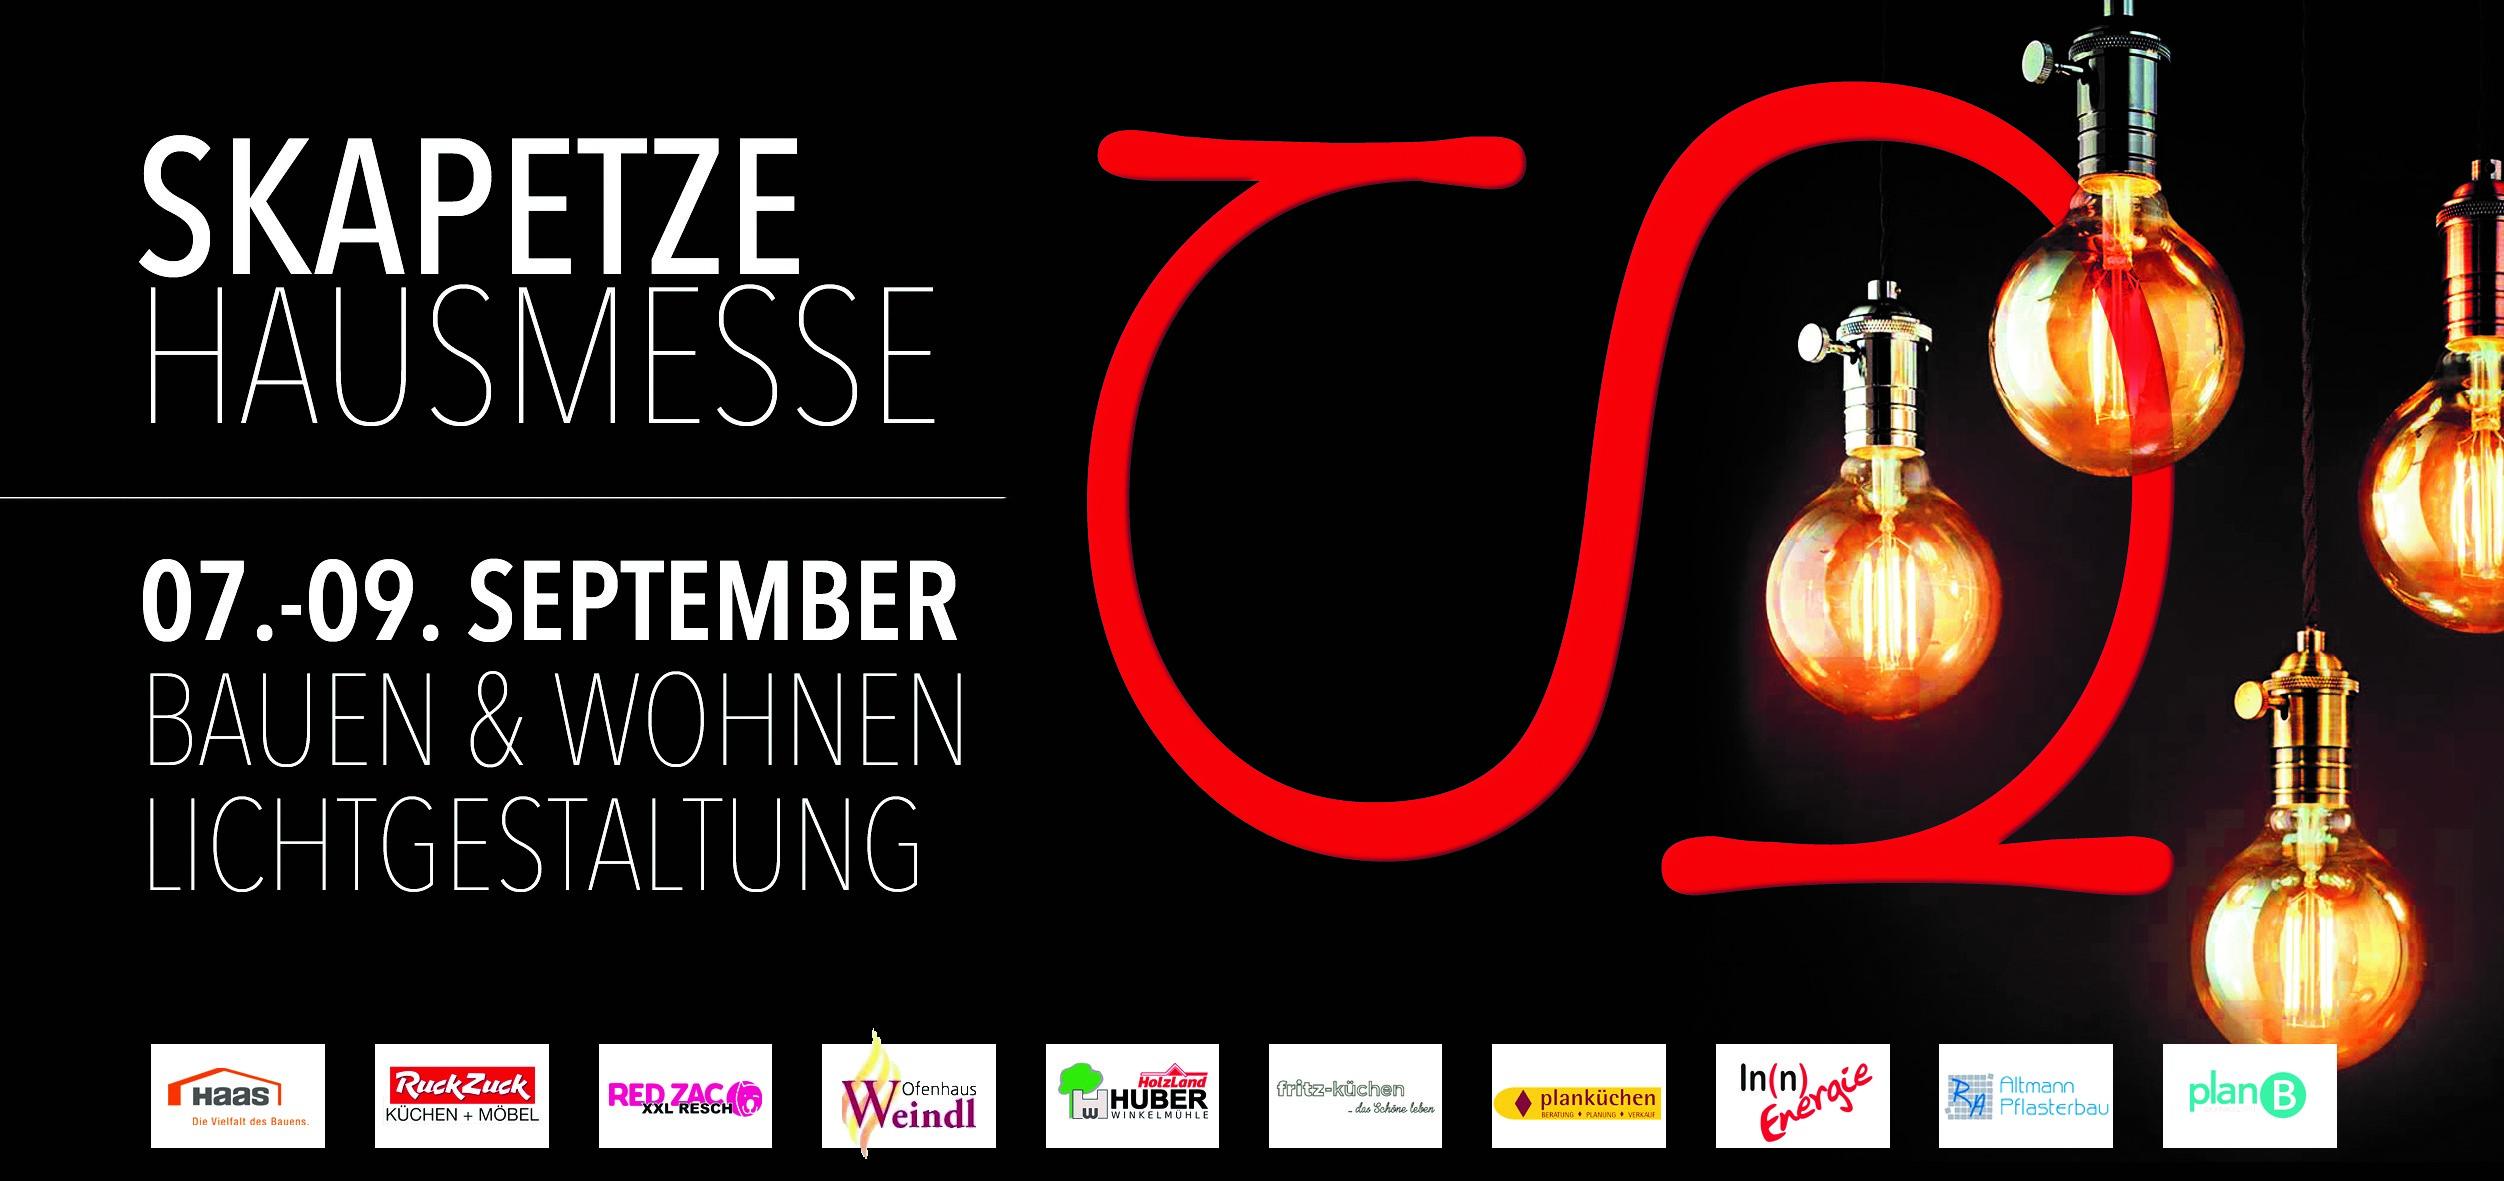 Skapetze Hausmesse Bayerns Grosstes Lichtfest Sts Braunau Simbach